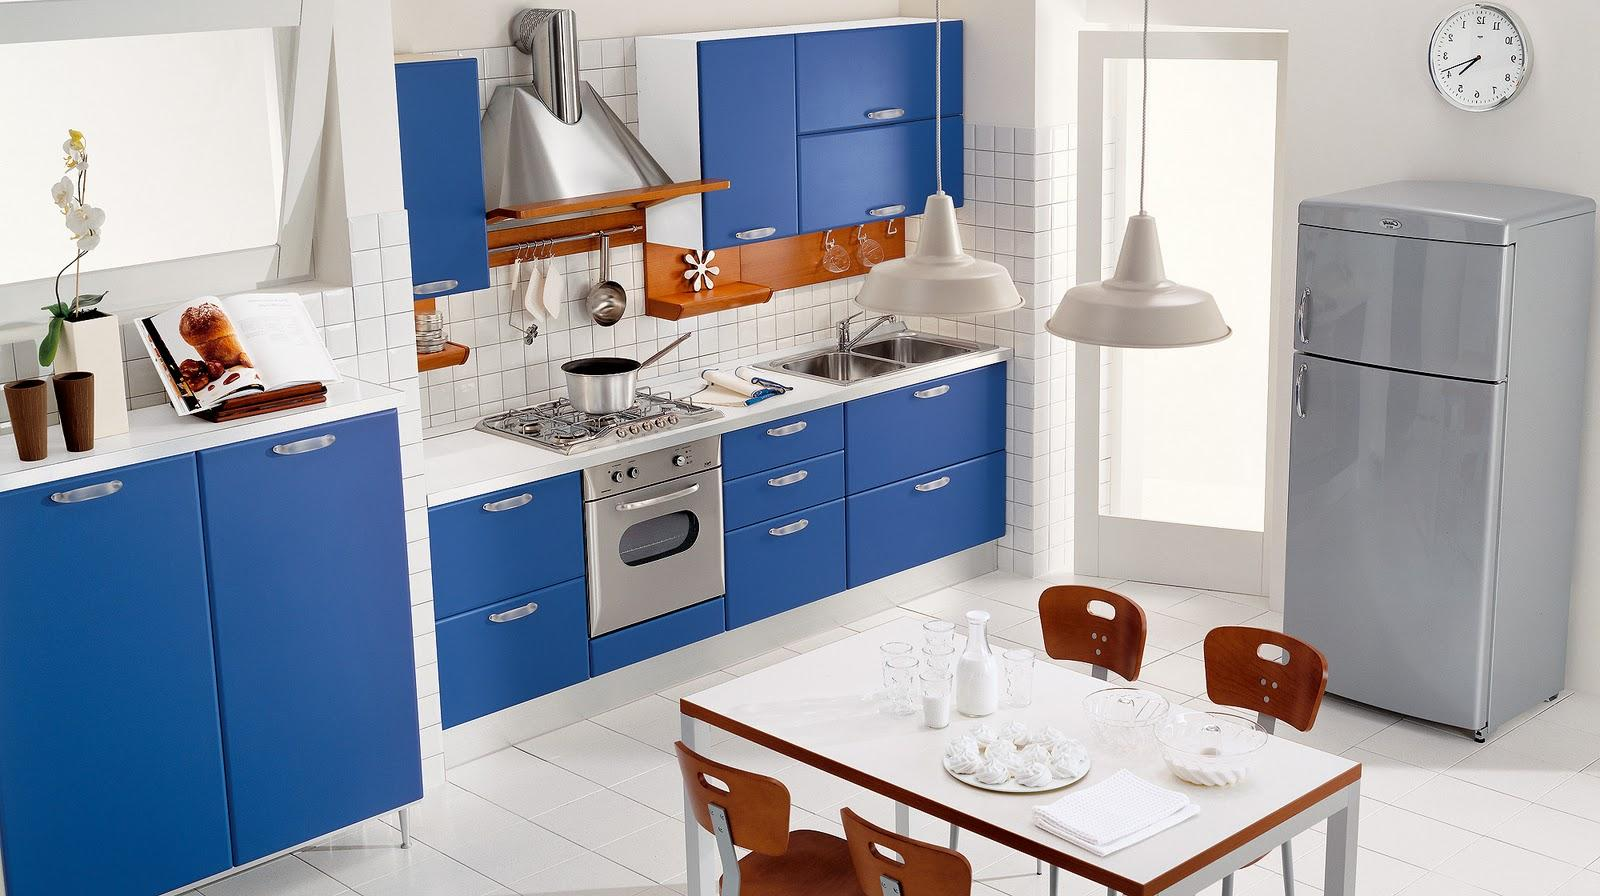 Mavi Mutfak Dekoru